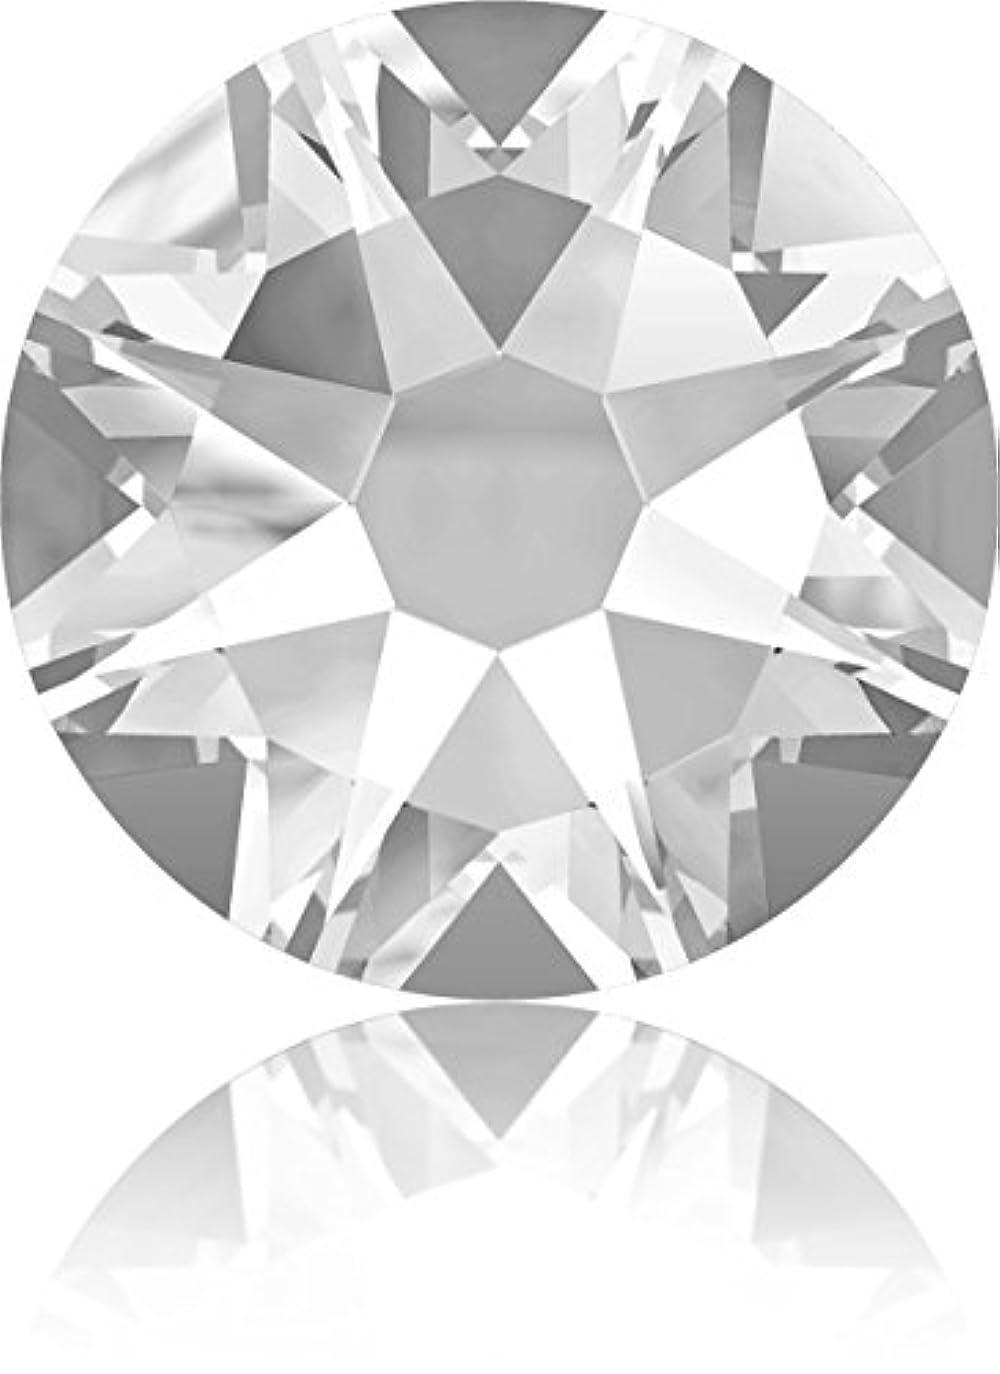 シェルクリームほめるネイルアートパーツ クリスタル SS12:3.0~3.2mm 1440P